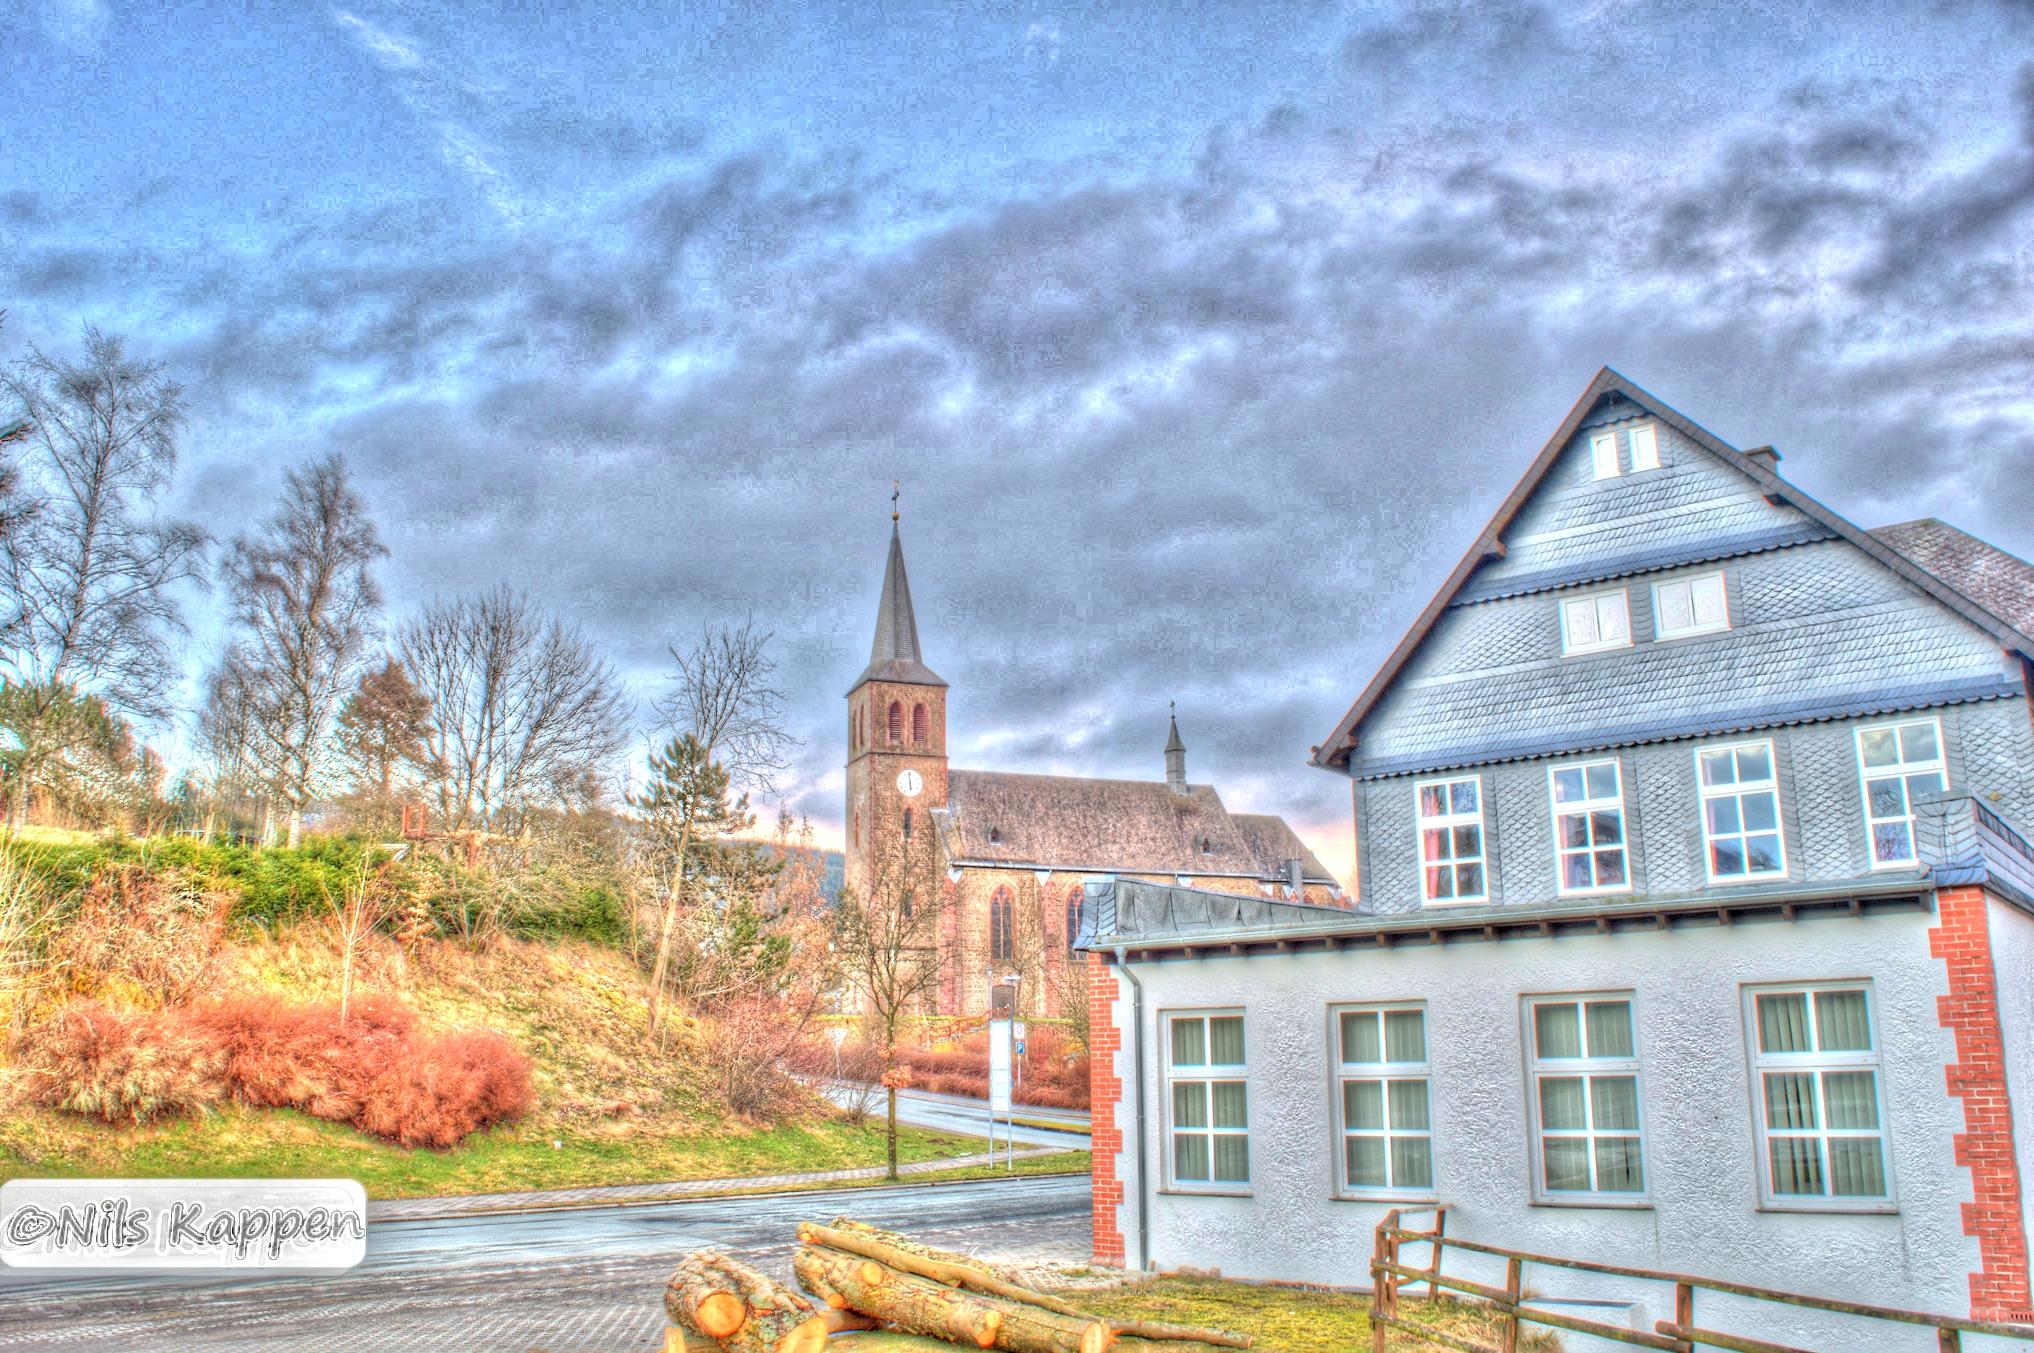 Winterberg_Züschen-HDR-NikonD3200-ToneMapping